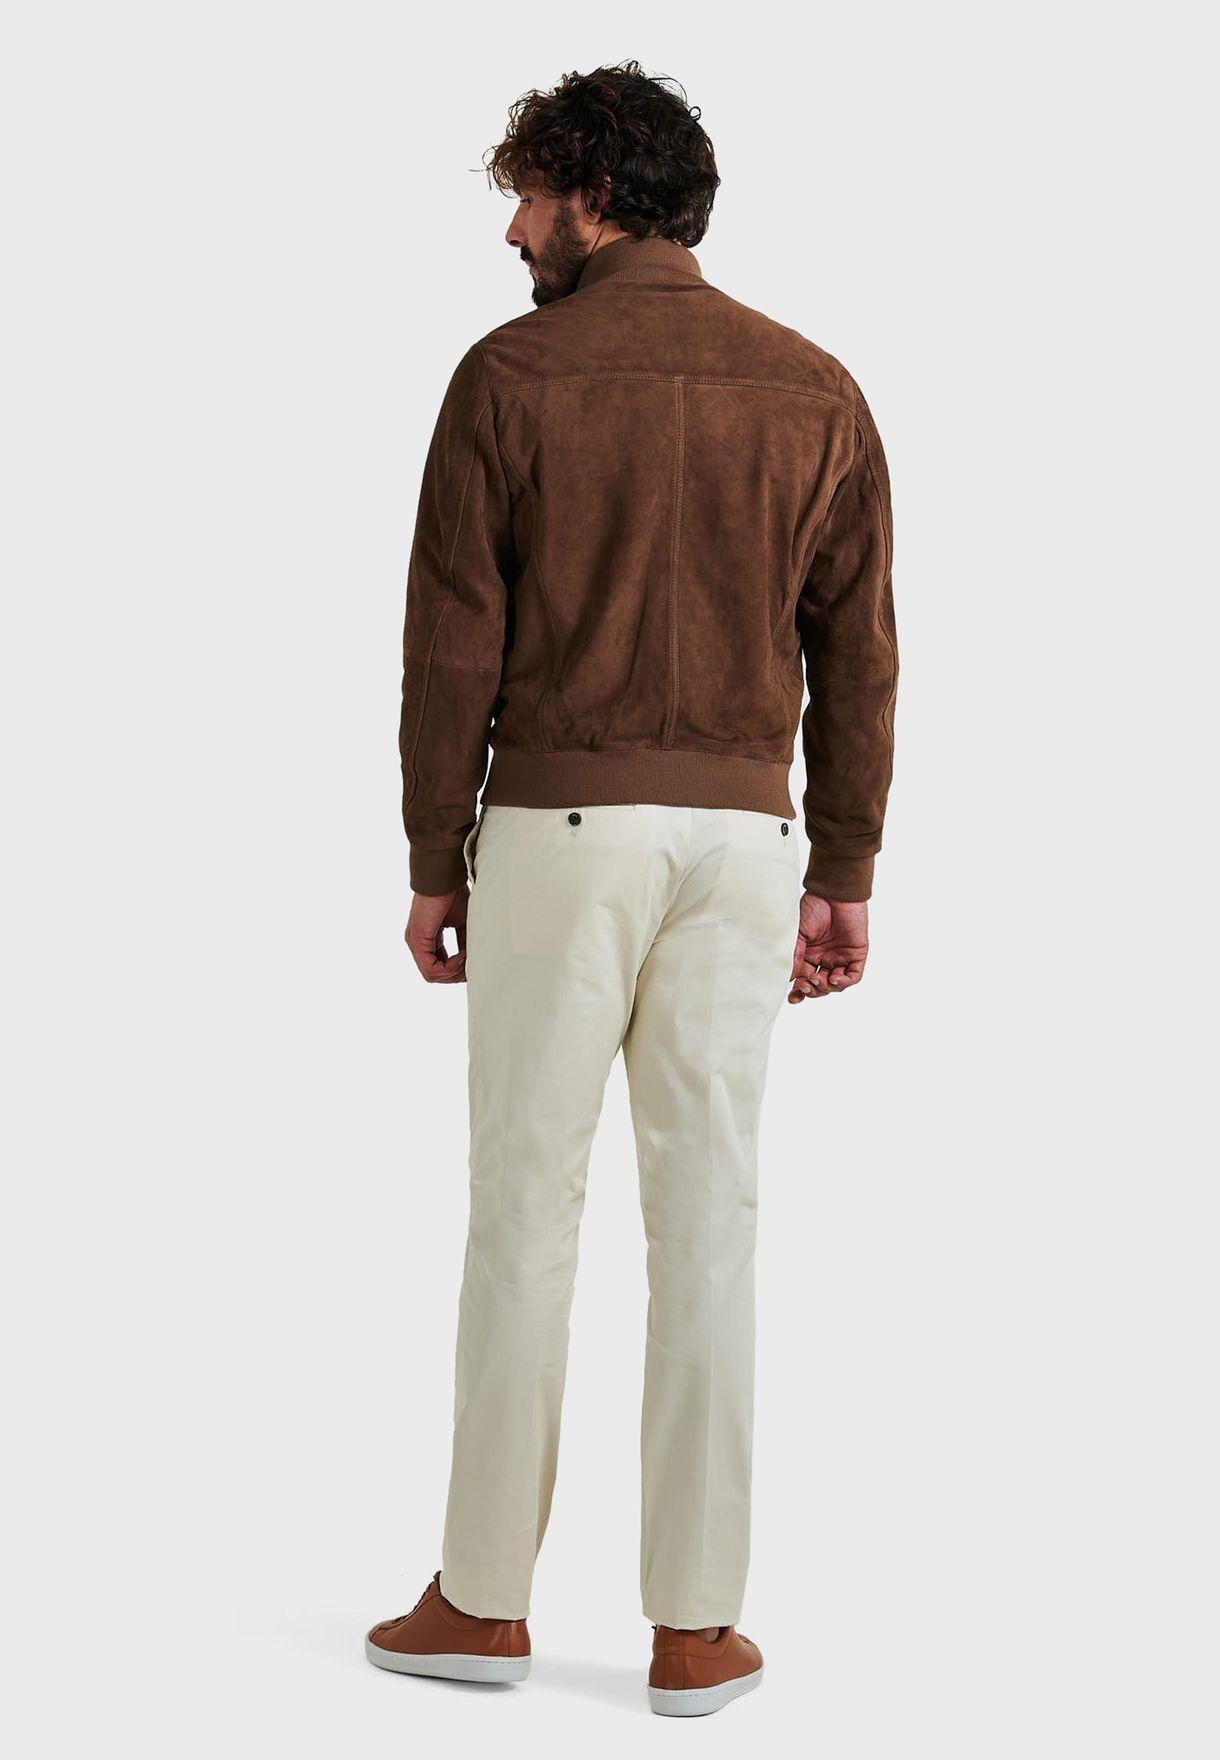 Pocket Detail Jacket